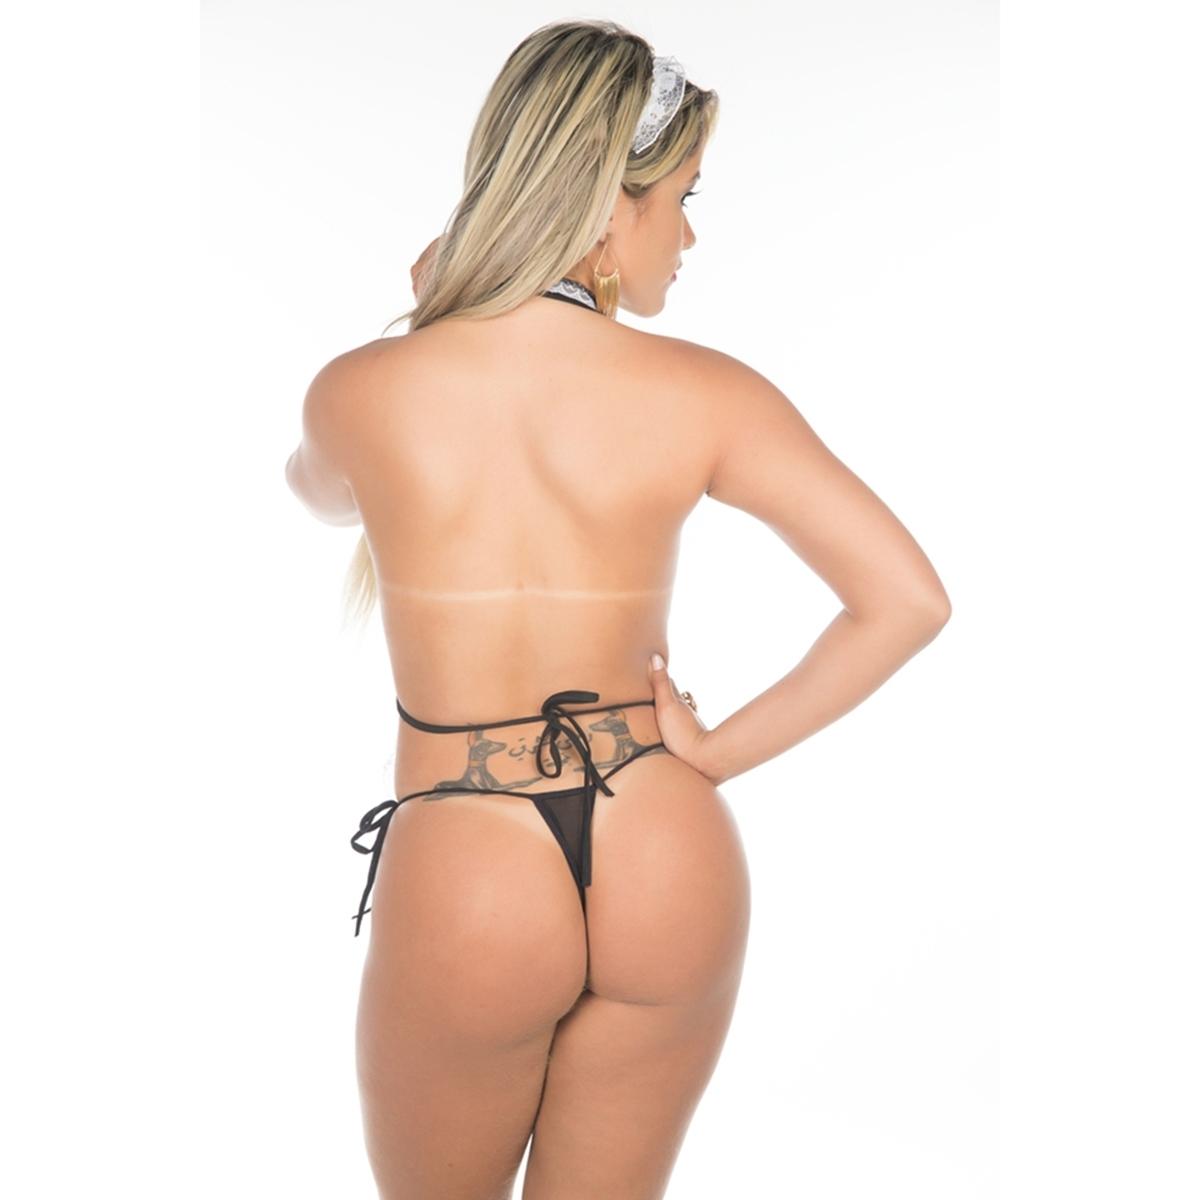 Fantasia Copeira Sexy - SEX SHOP CURITIBA